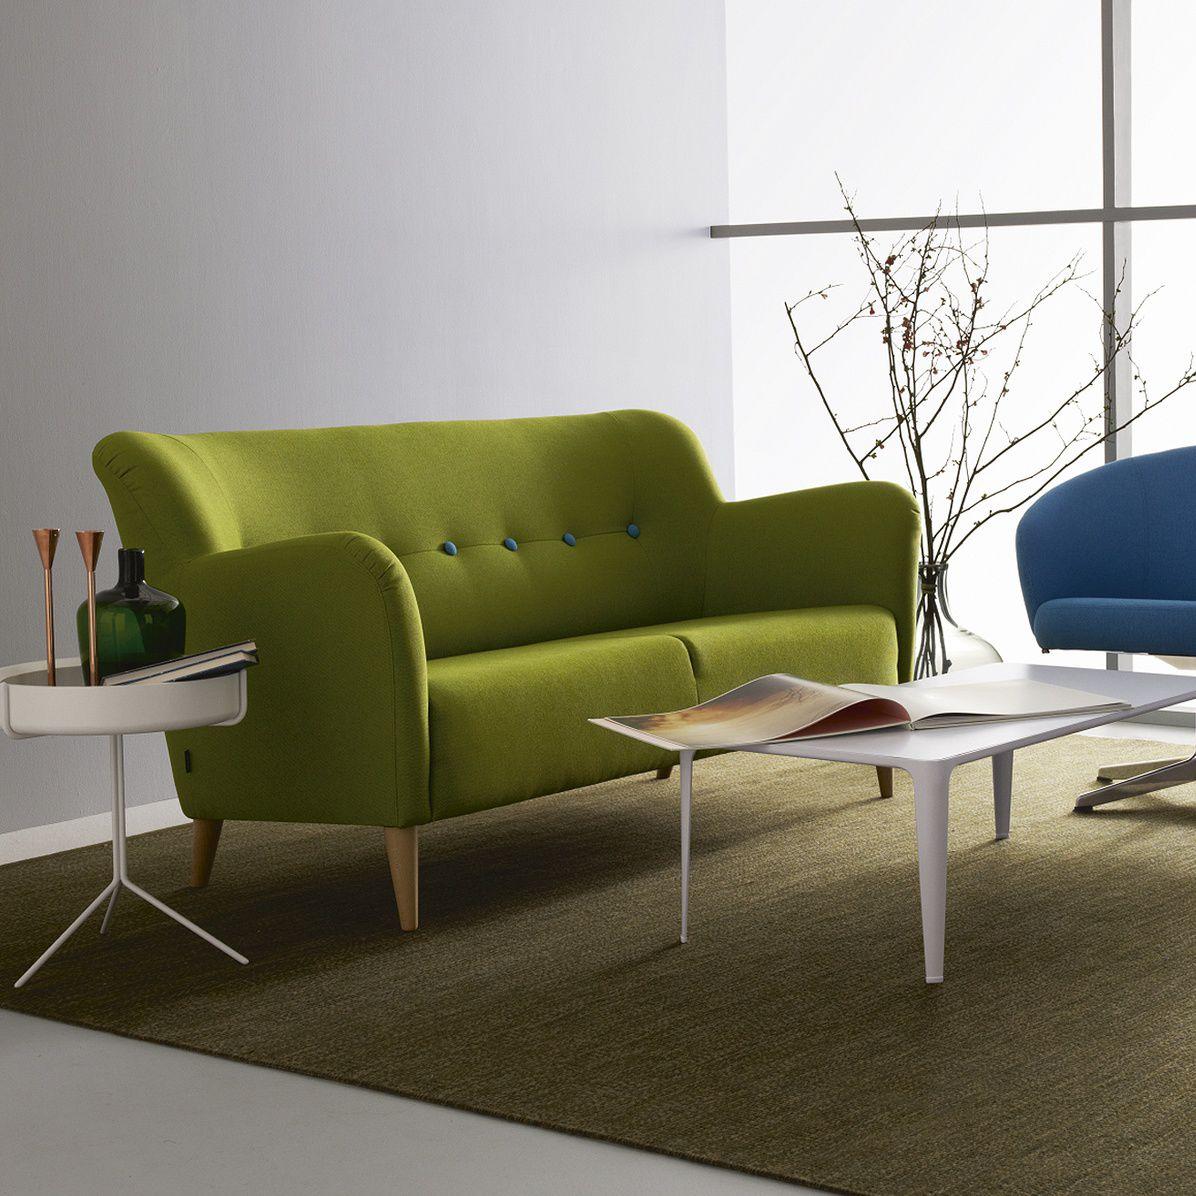 Contemporary Sofa / Fabric / 2 Seater / Green   NOVA